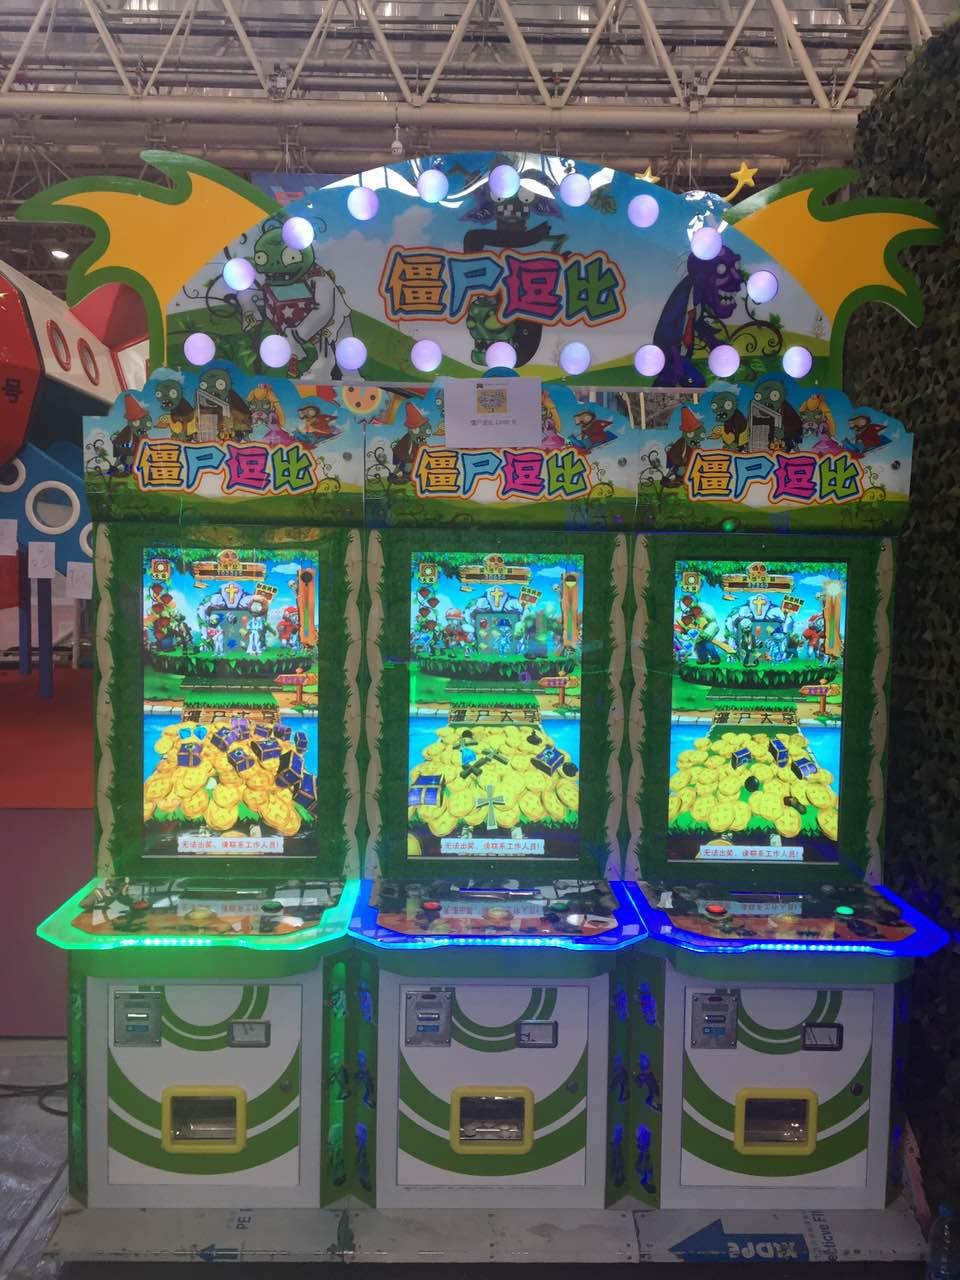 虚拟推币机怎么玩 广州哪里有供应价位合理的虚拟推币机